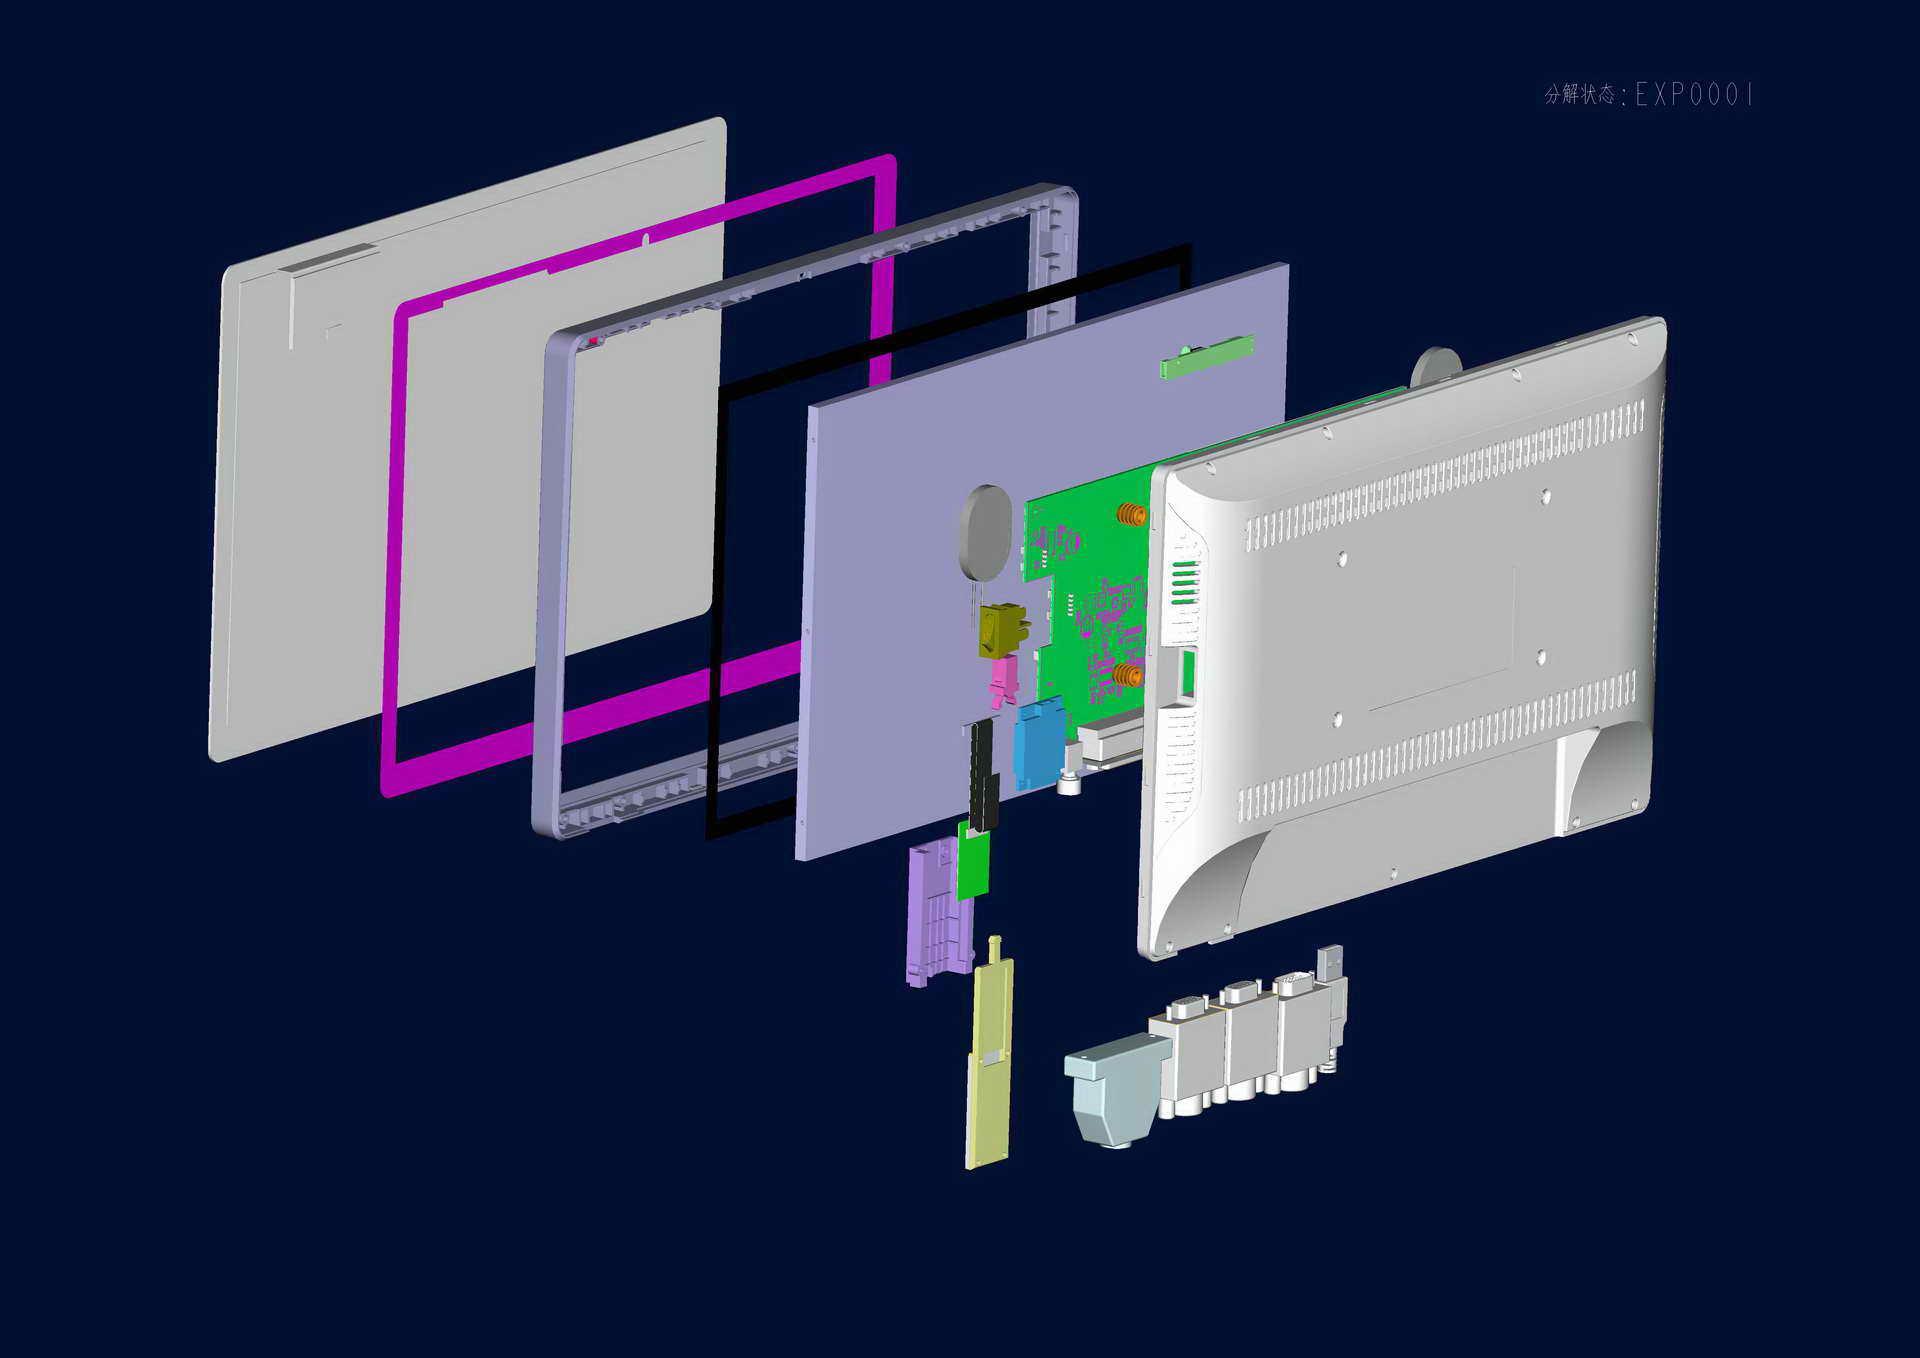 14寸显示器-1_调整大小.jpg